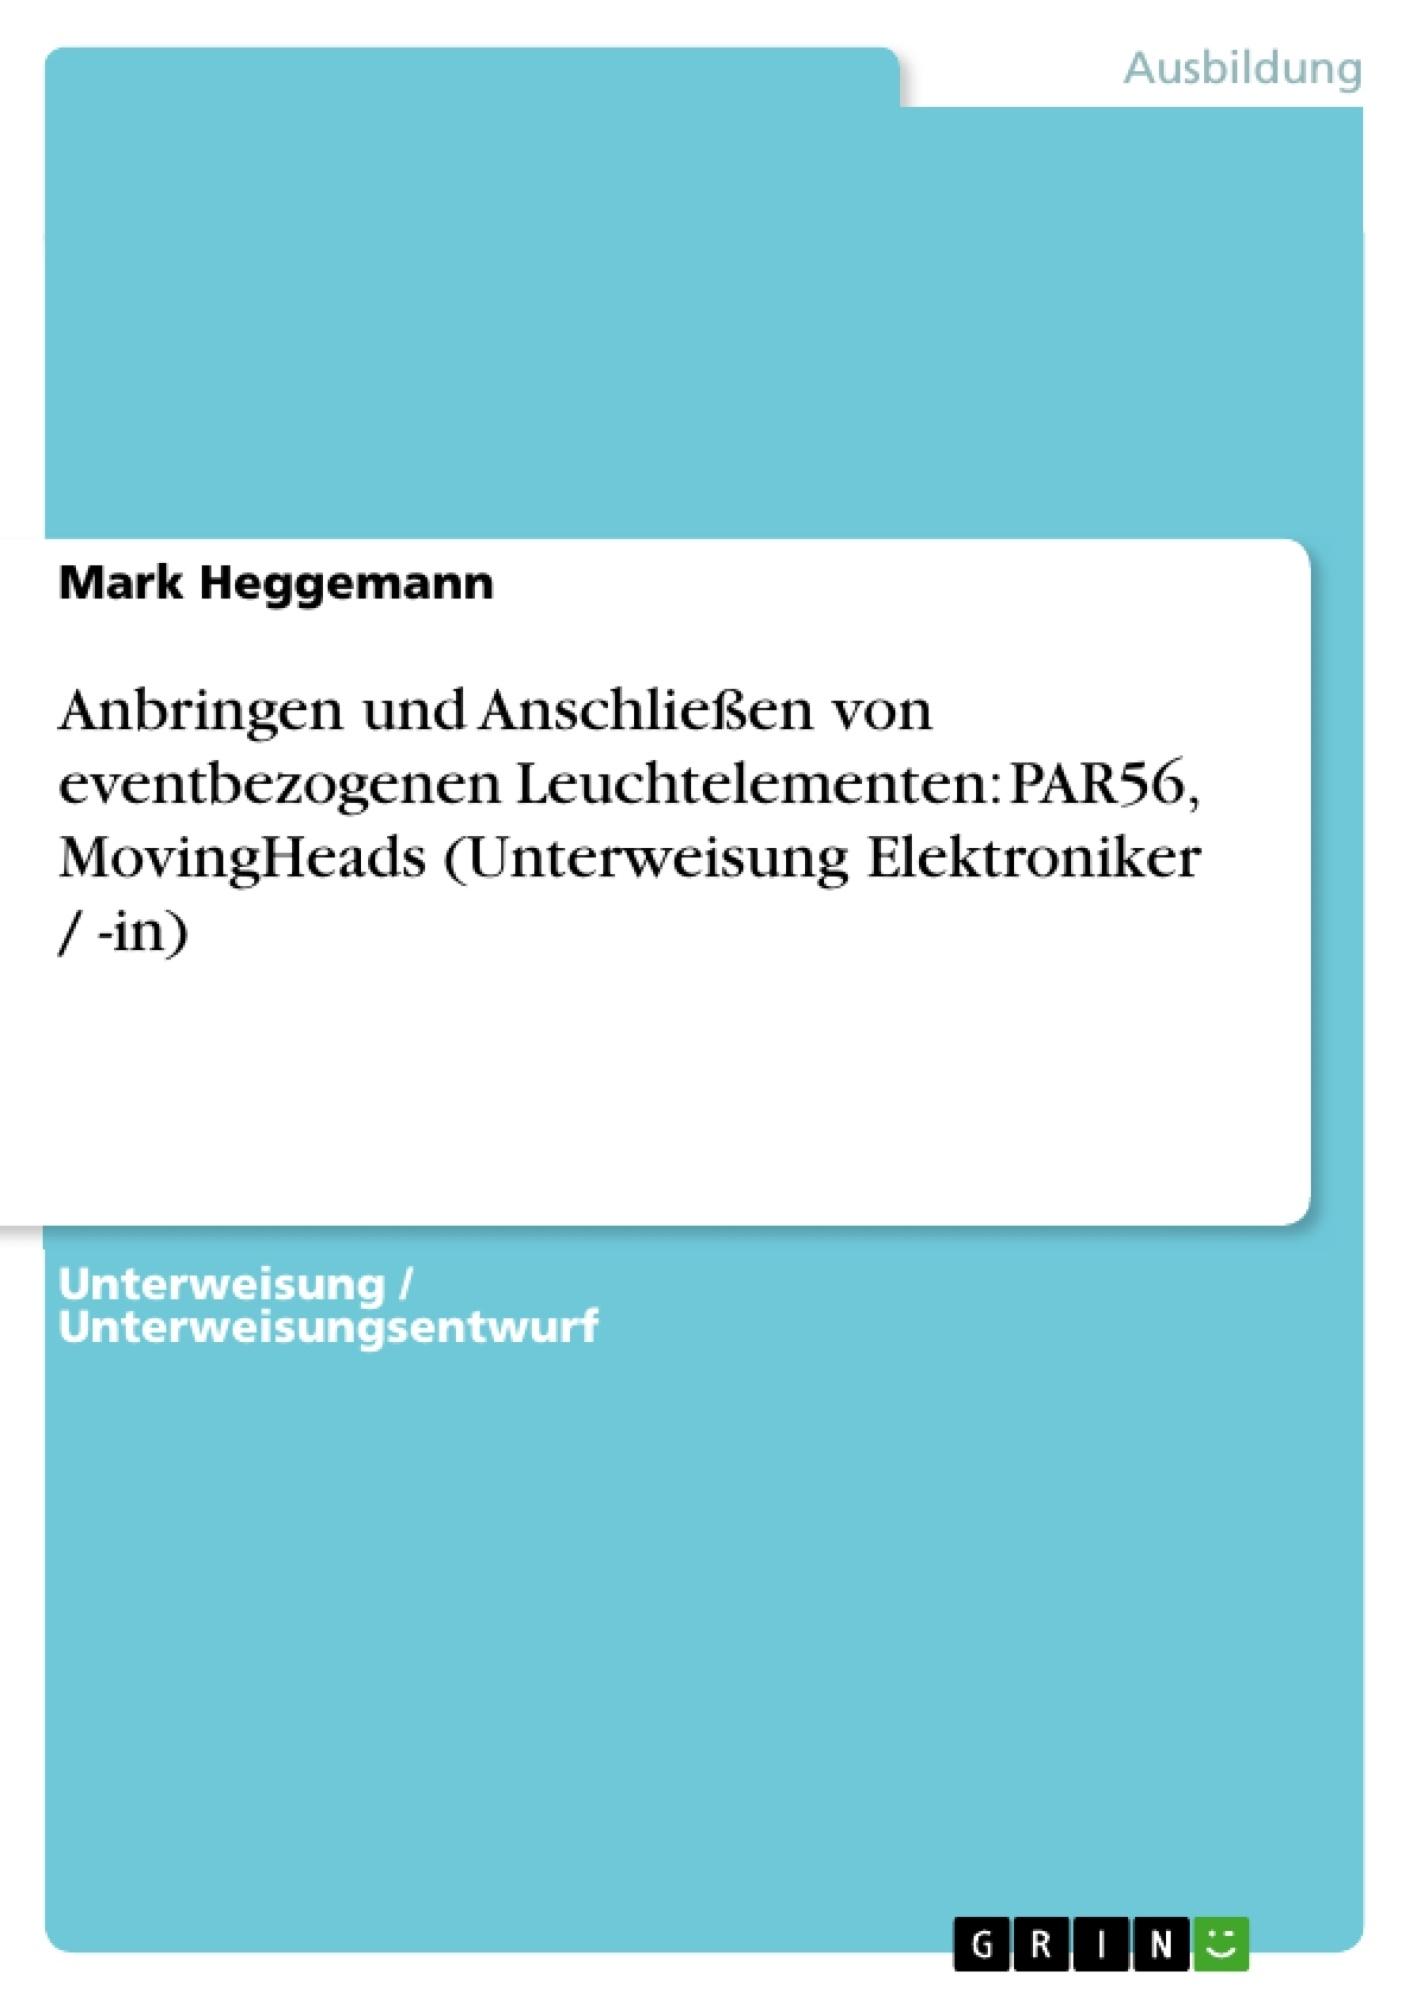 Titel: Anbringen und Anschließen von eventbezogenen Leuchtelementen: PAR56, MovingHeads (Unterweisung Elektroniker / -in)